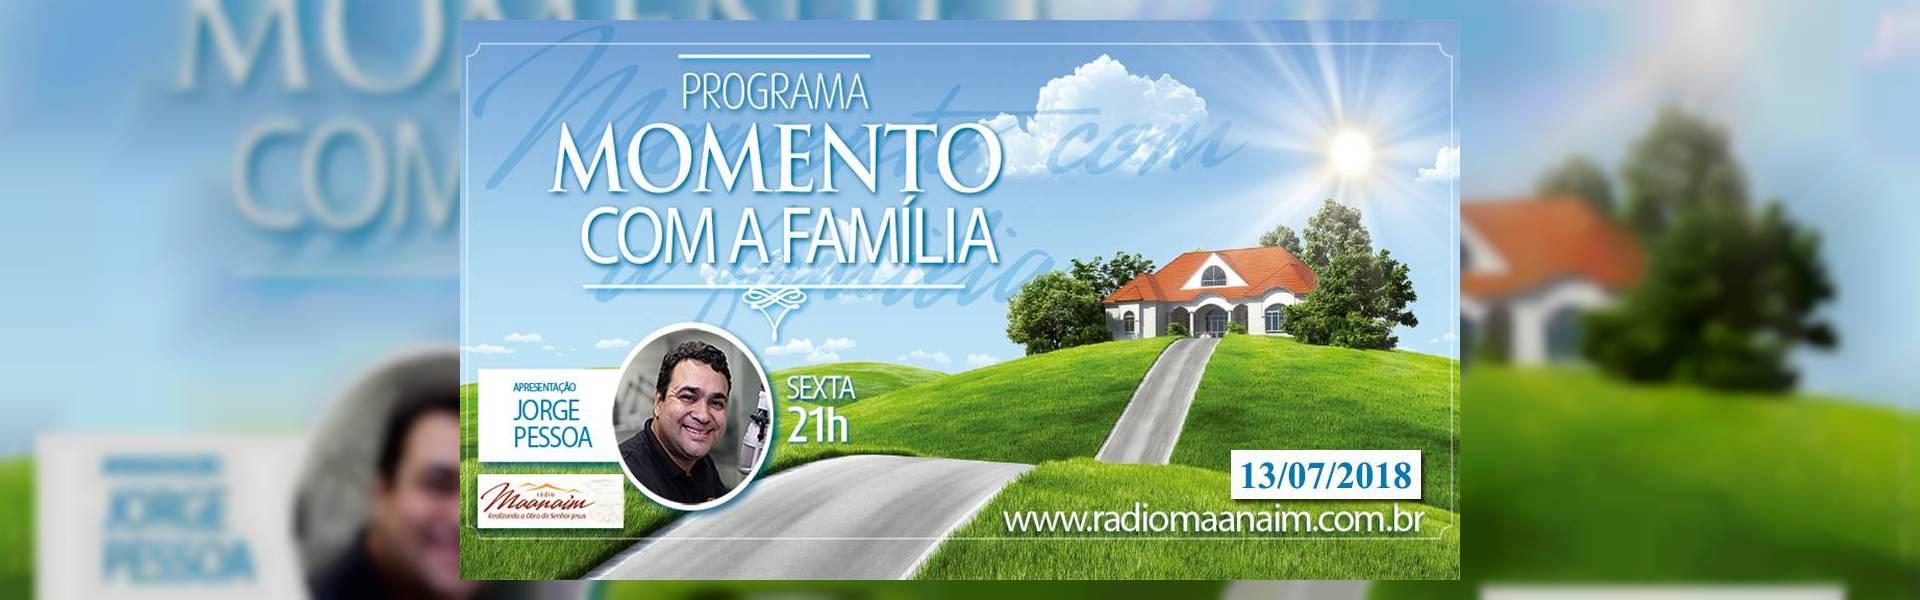 Momento com a Família, nosso culto no lar - 13/07/2018